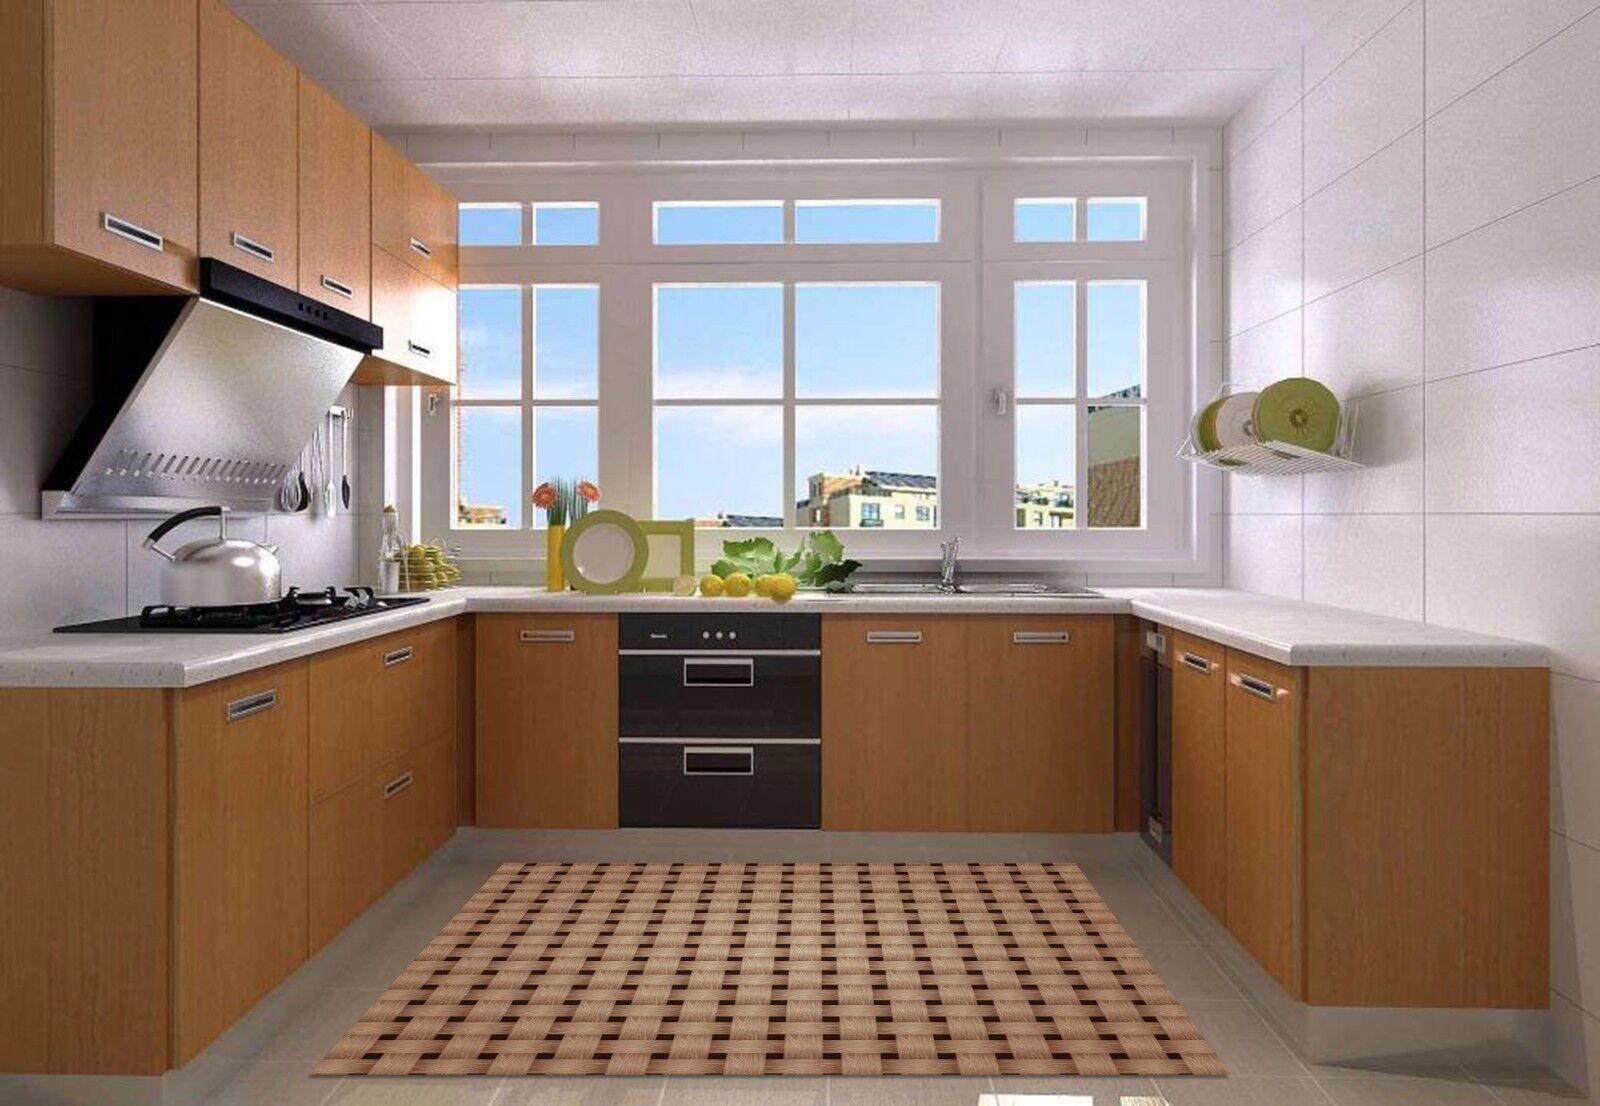 3D Braun Lattice 2 Kitchen Mat Floor Murals Wall Print Wall AJ WALLPAPER UK Kyra